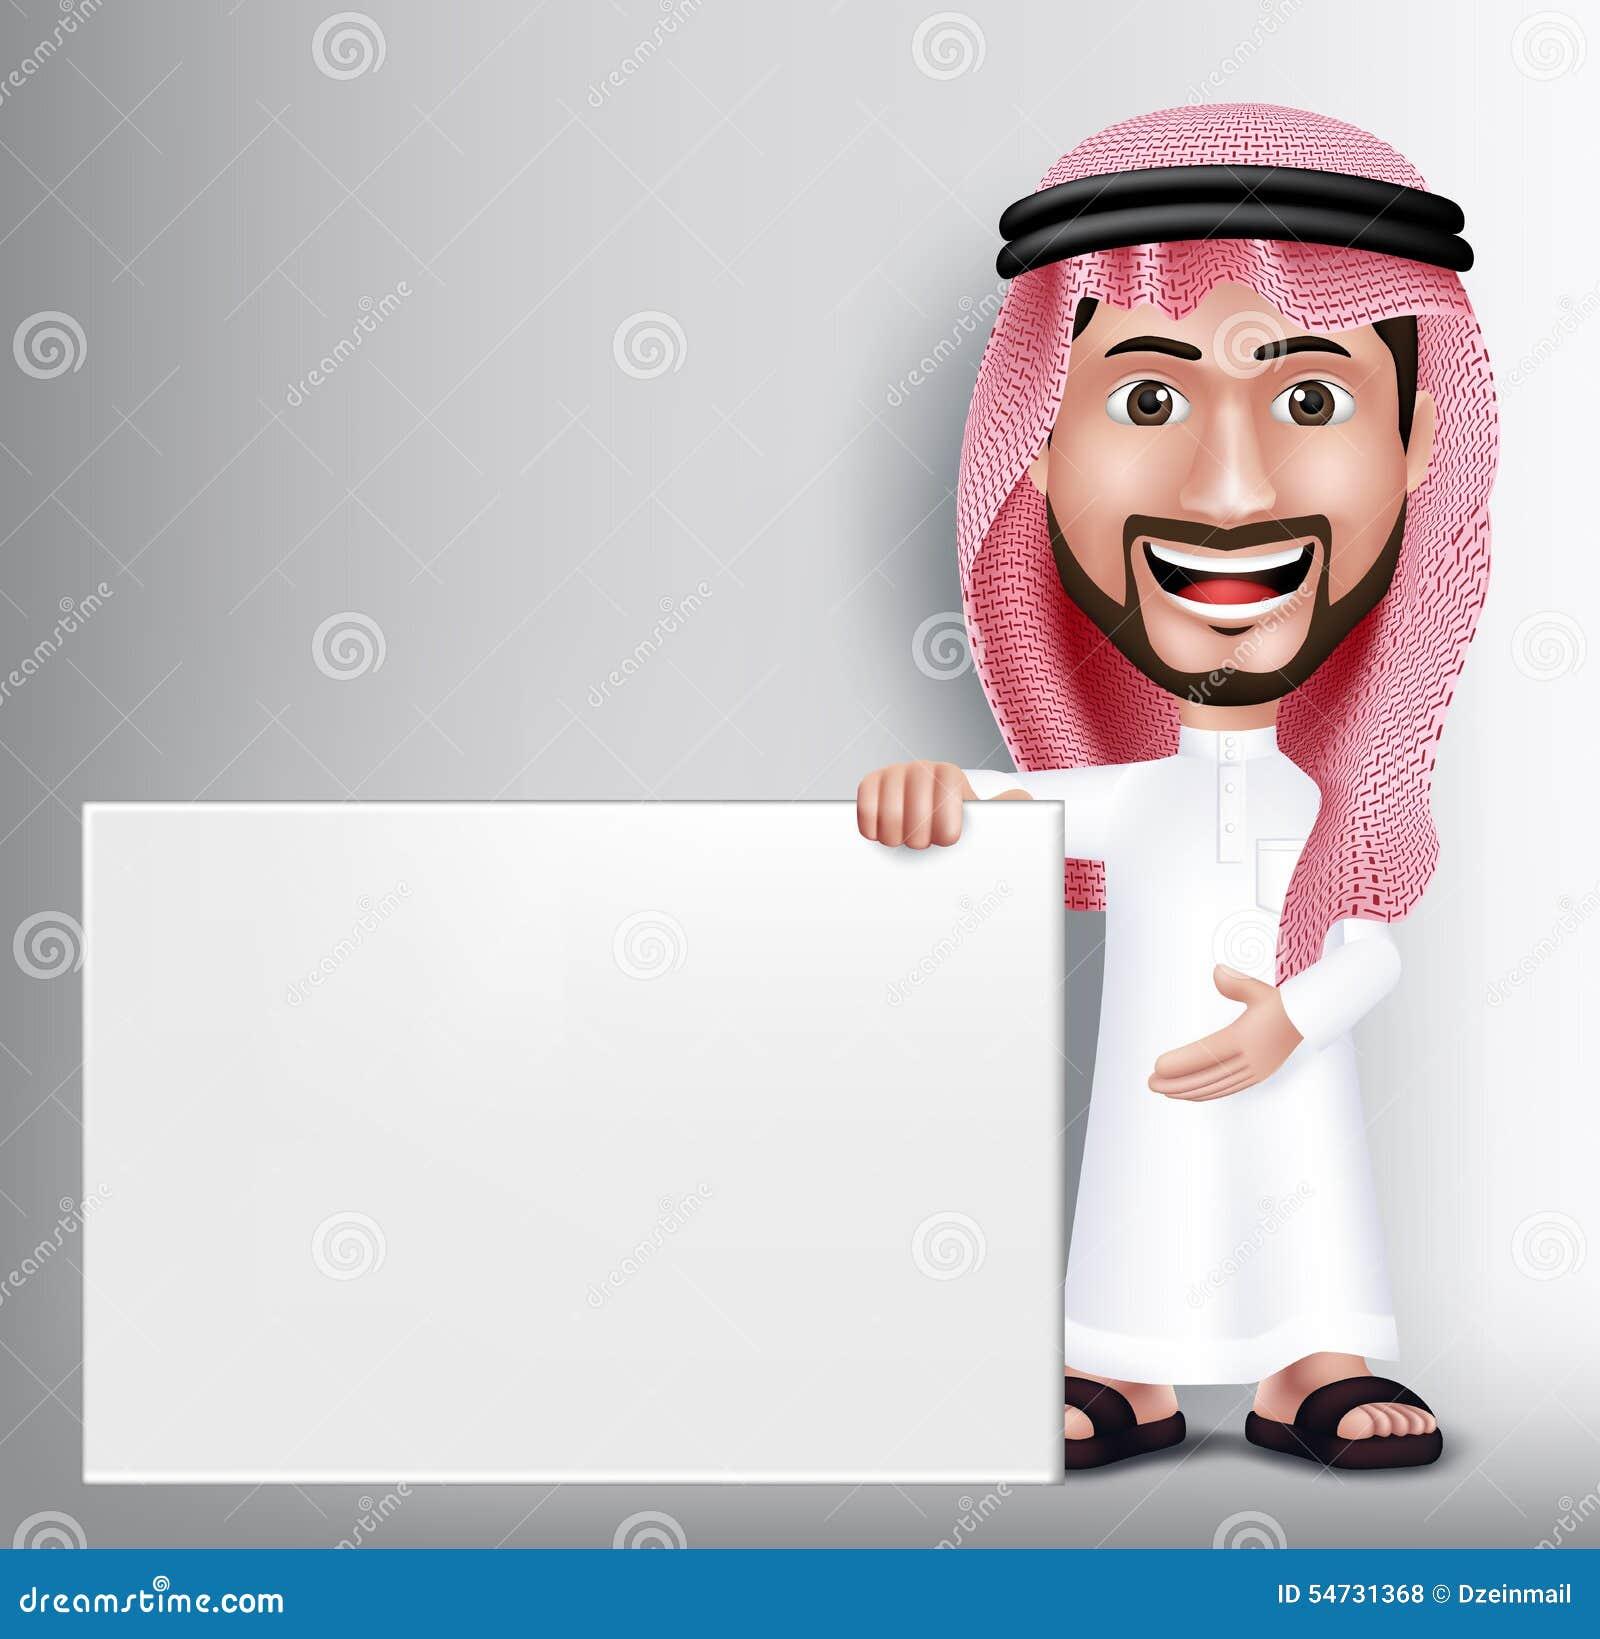 Ρεαλιστικός χαμογελώντας όμορφος Σαουδάραβας - αραβικός χαρακτήρας ατόμων